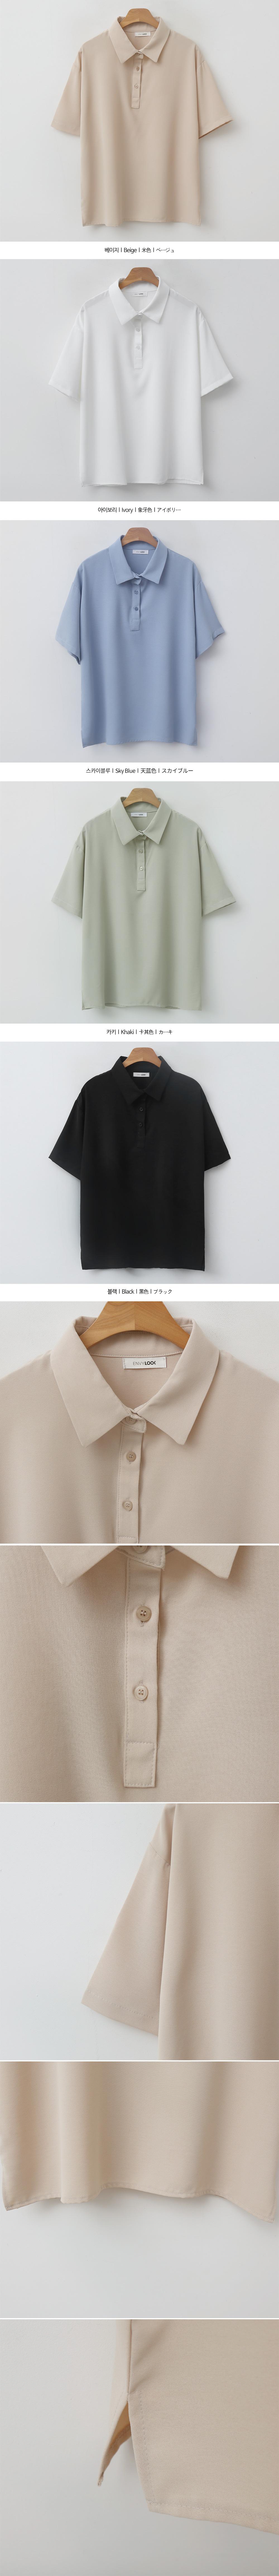 Cooling collar shirt